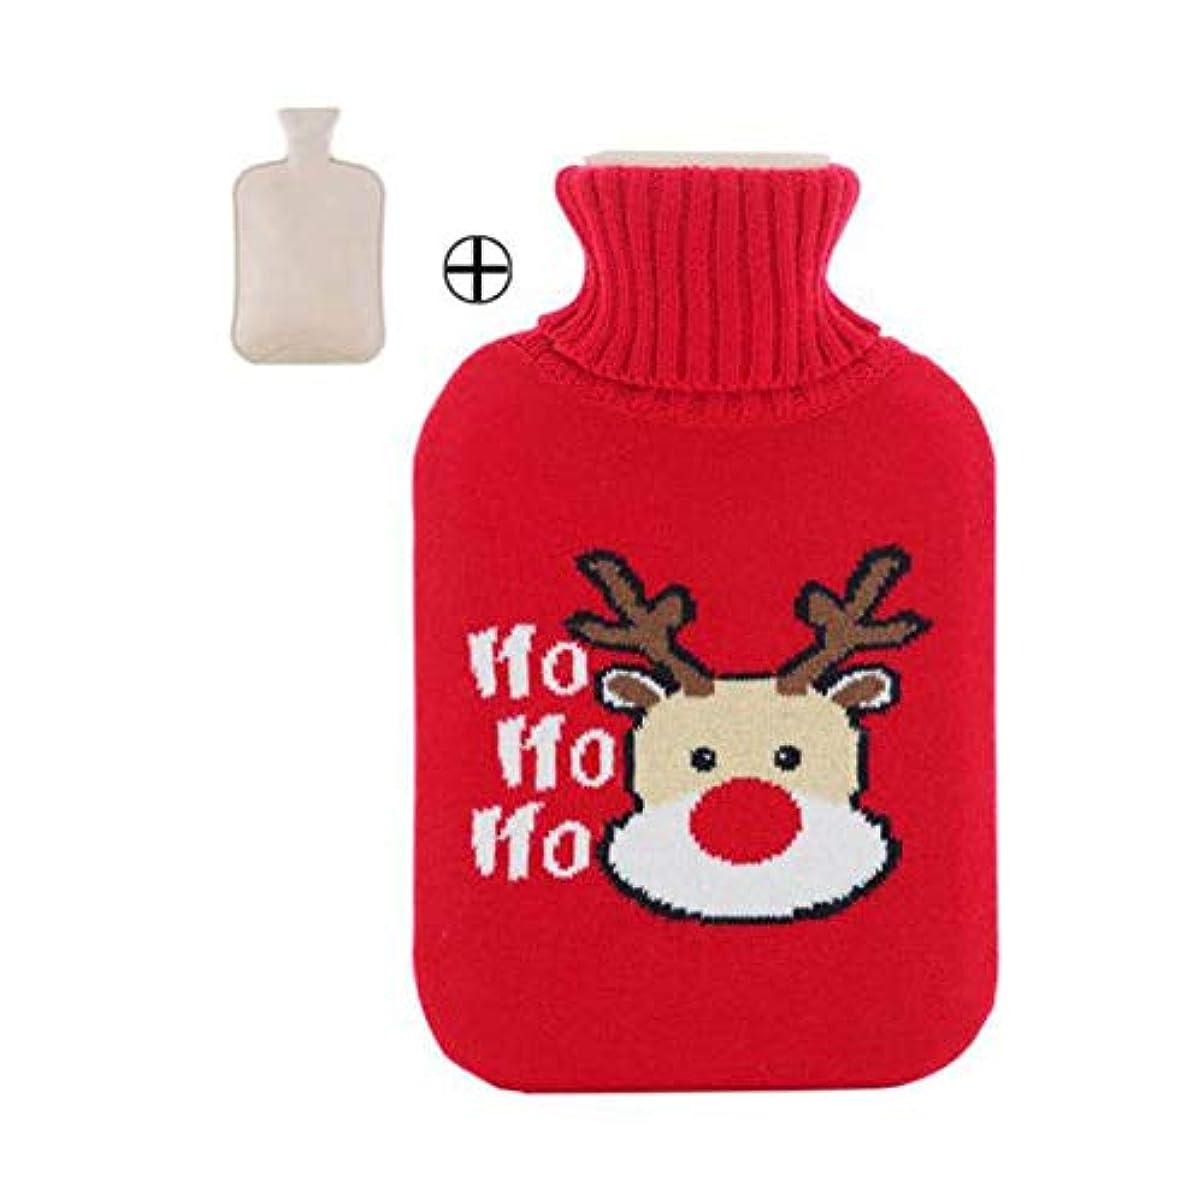 脚本噴水肥沃なホットウォーターボトル大温かいクリスマススタイルのウォーターボトル2L